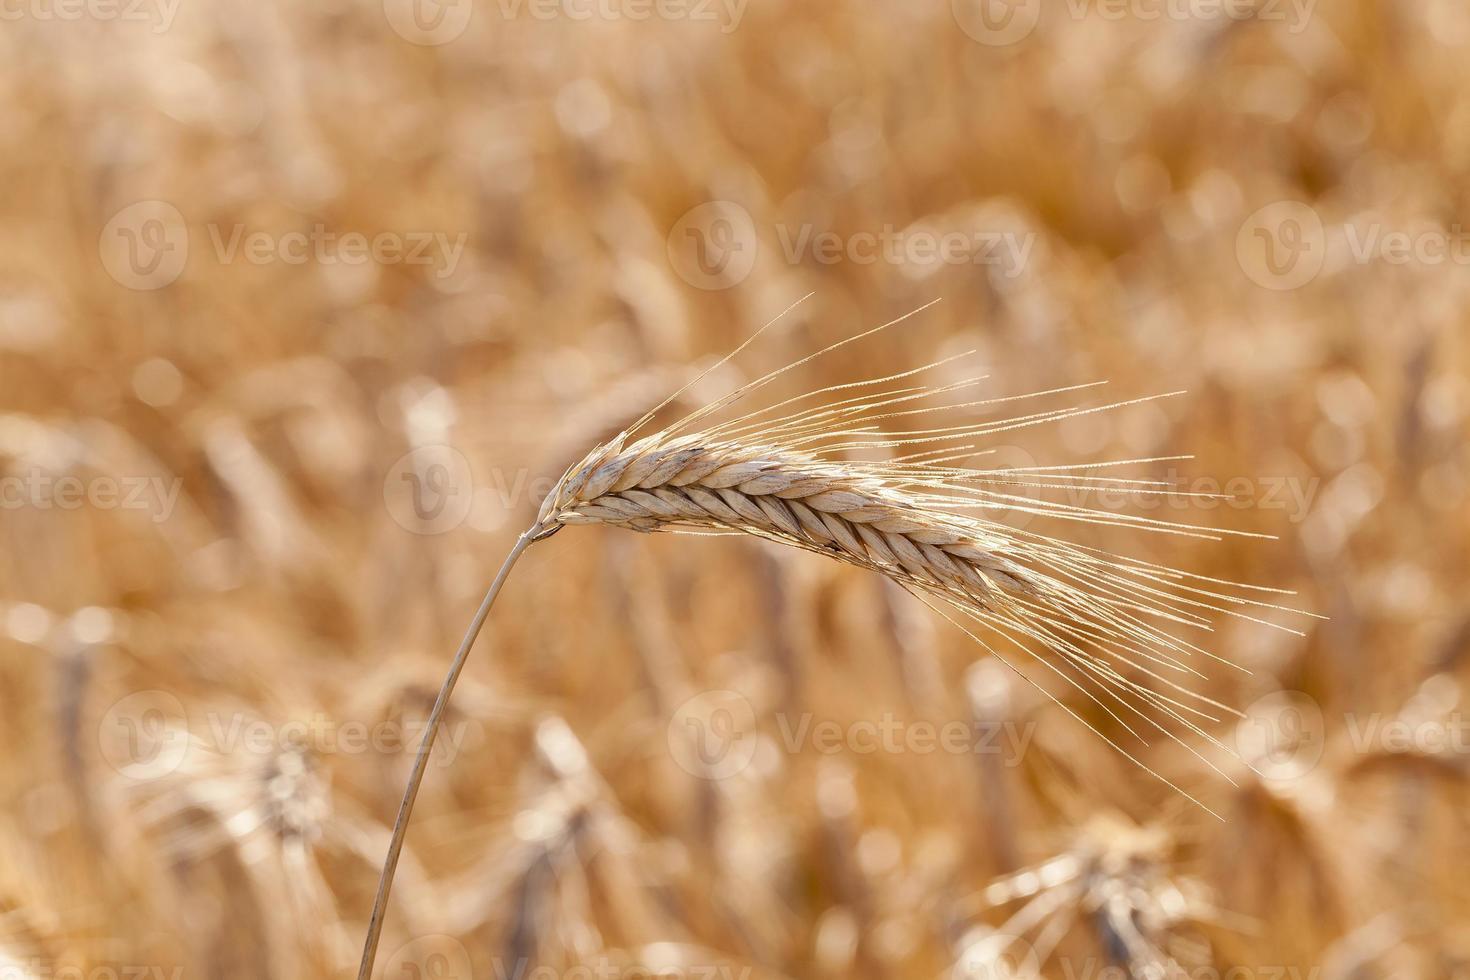 los cereales maduros foto